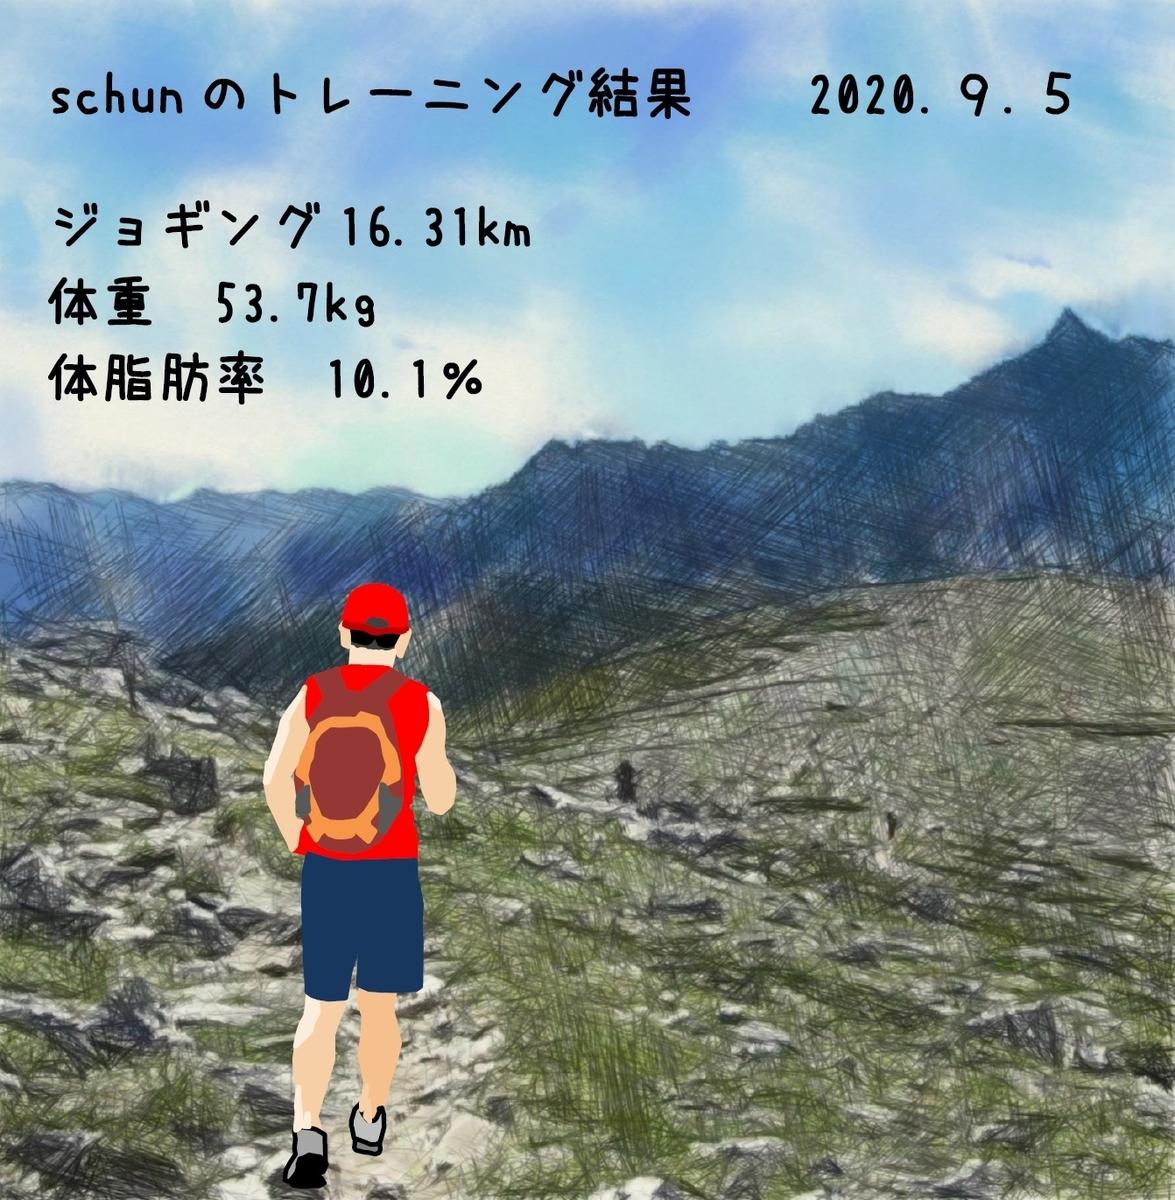 f:id:schunchi2007:20210905154638j:plain